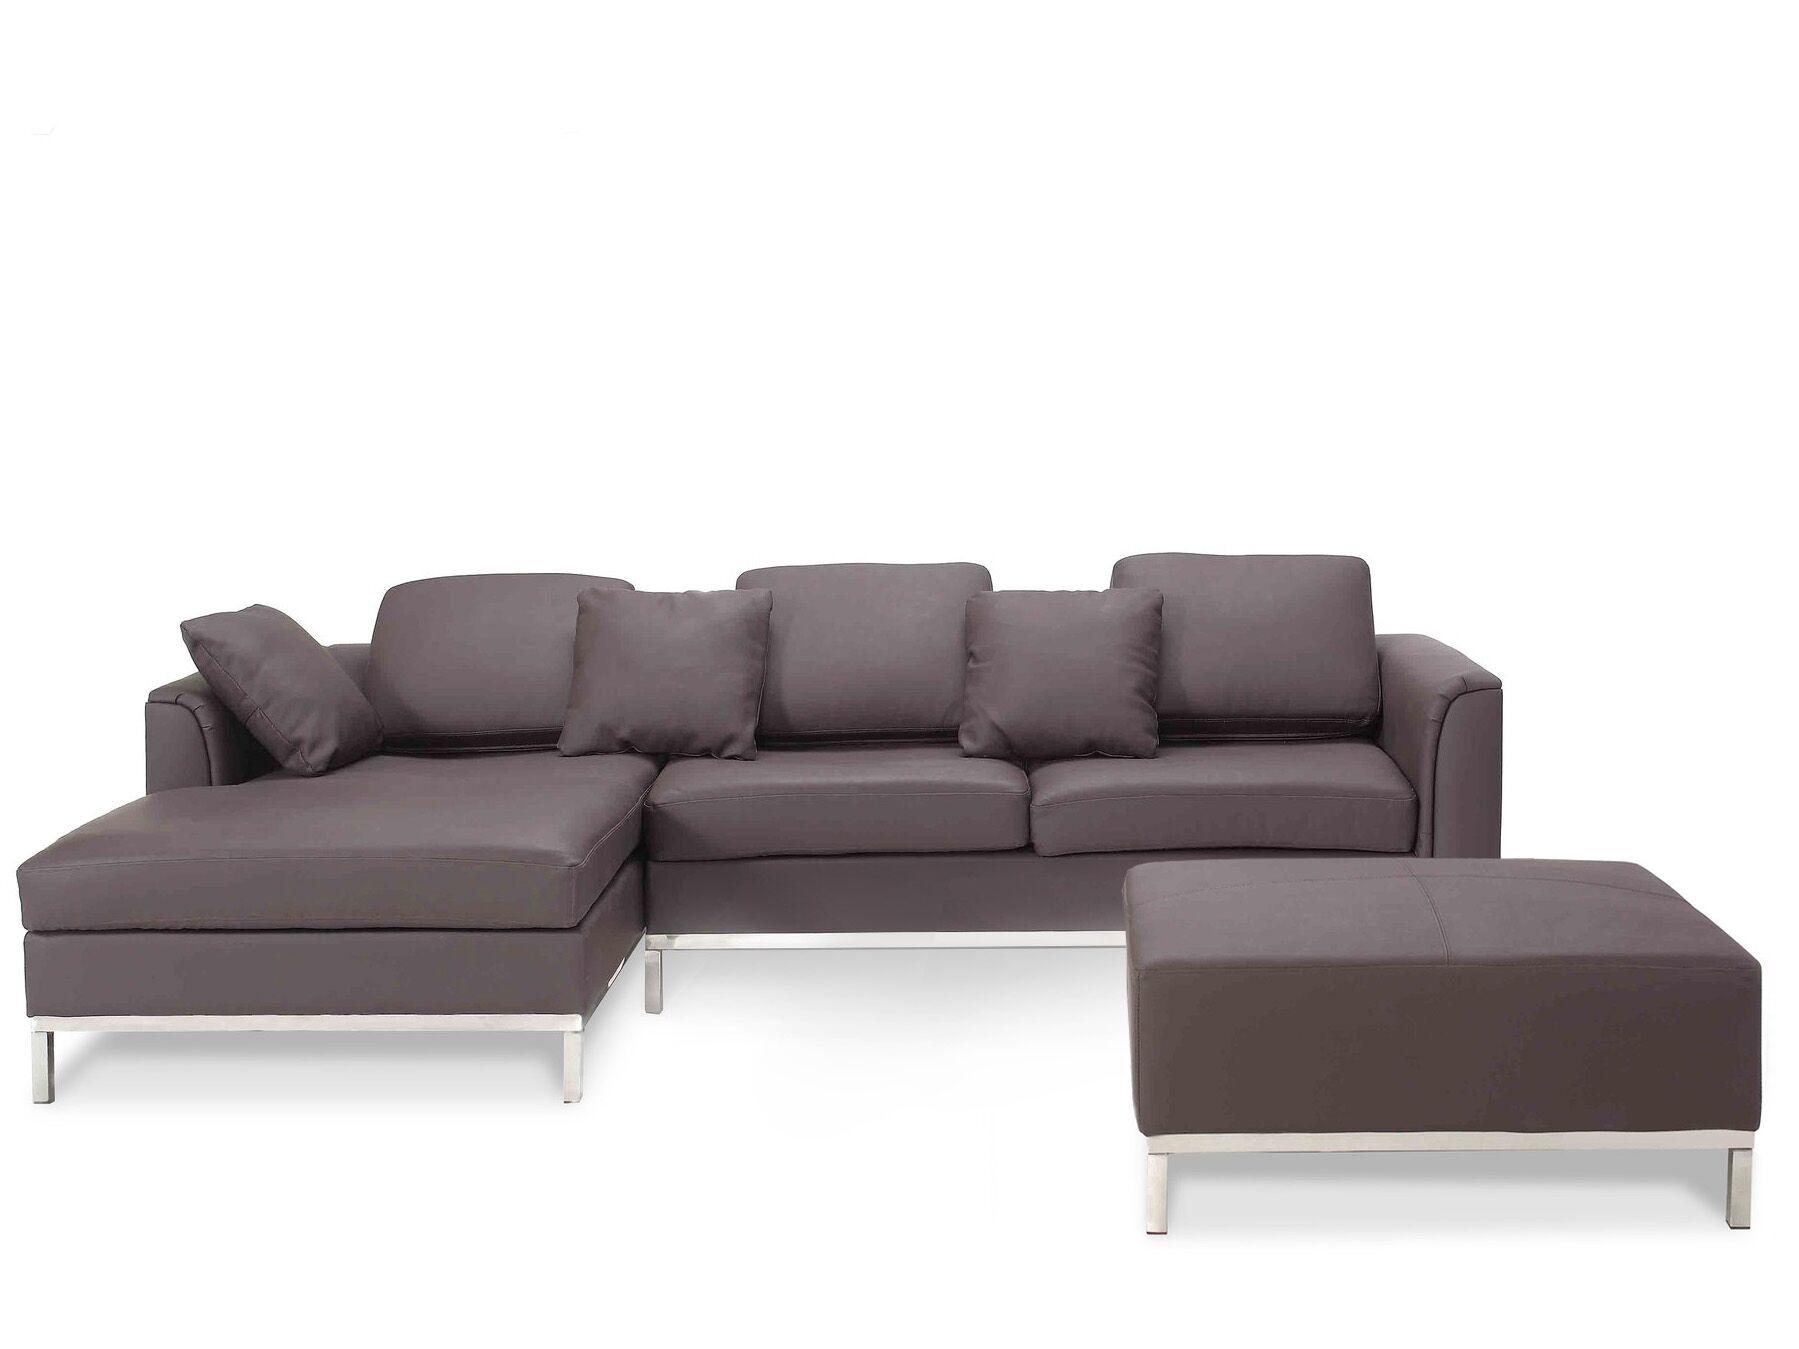 Canapé angle à droite 4 places en cuir marron avec pouf